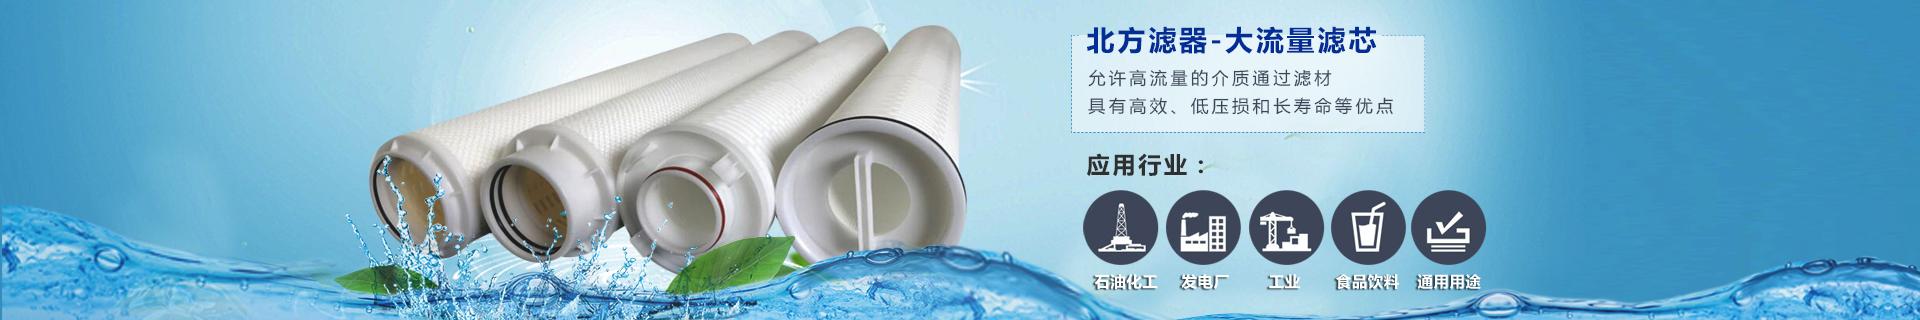 水过滤器系列